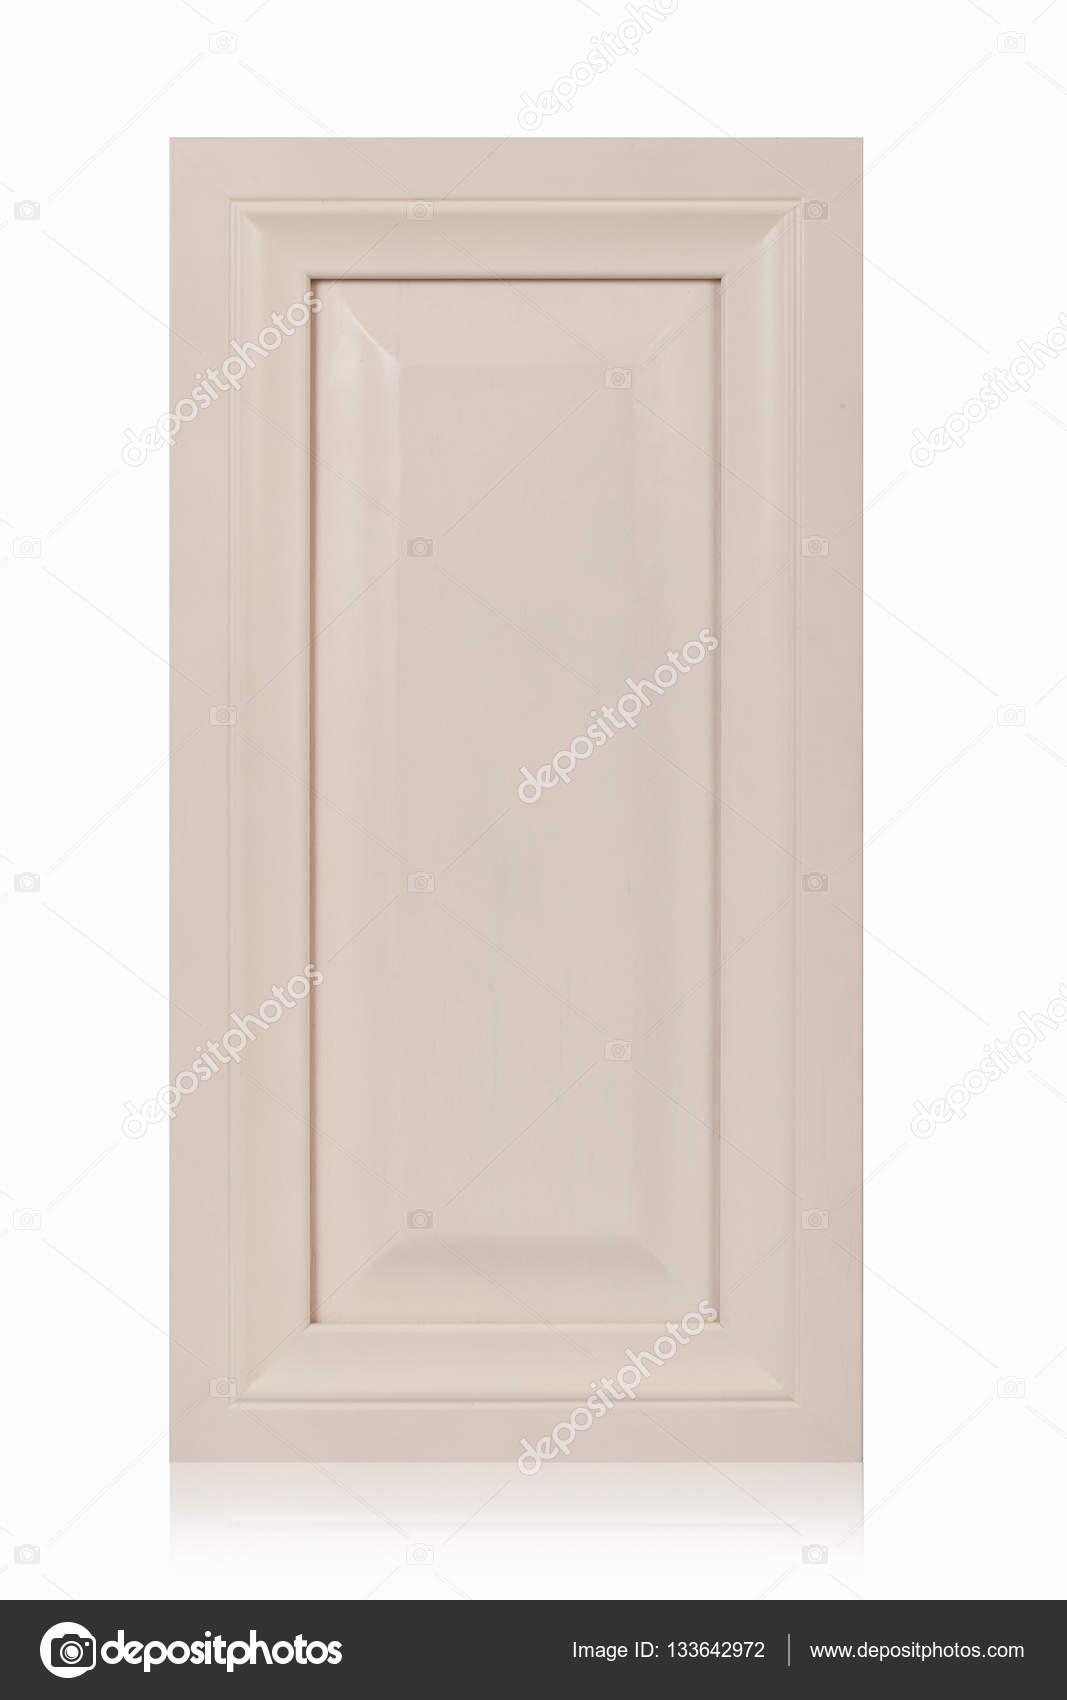 Puerta de gabinete de marco de madera aislada en blanco — Foto de ...